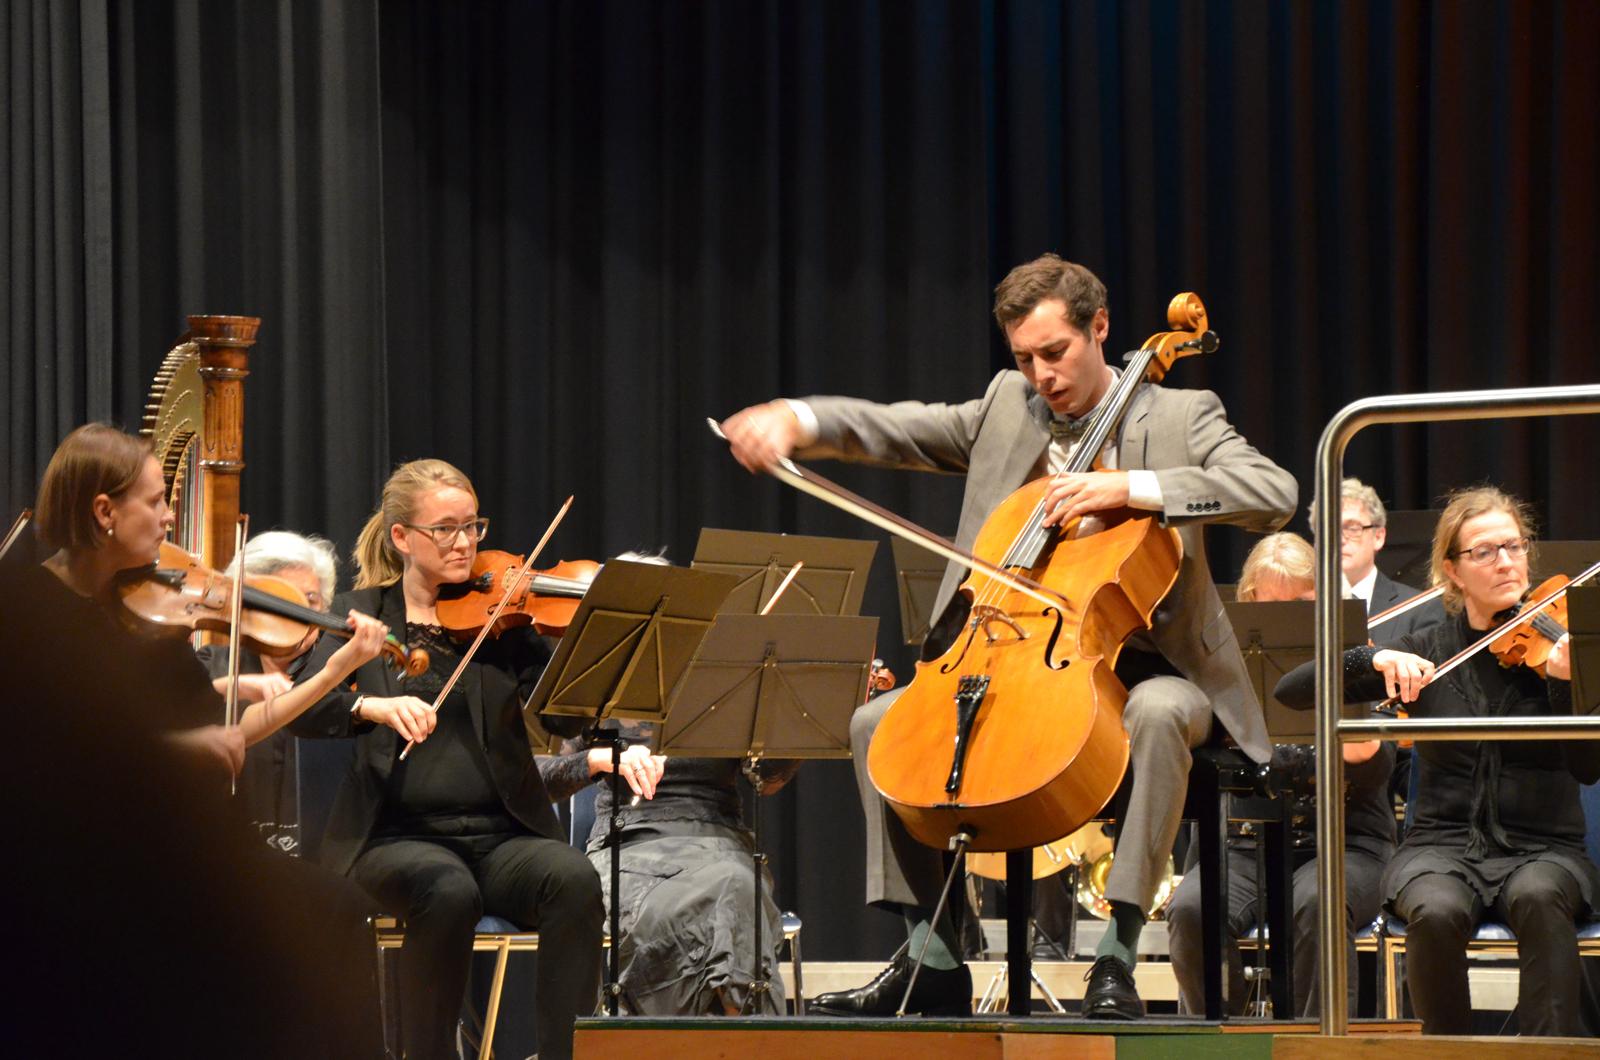 Solist Samuel Justitz